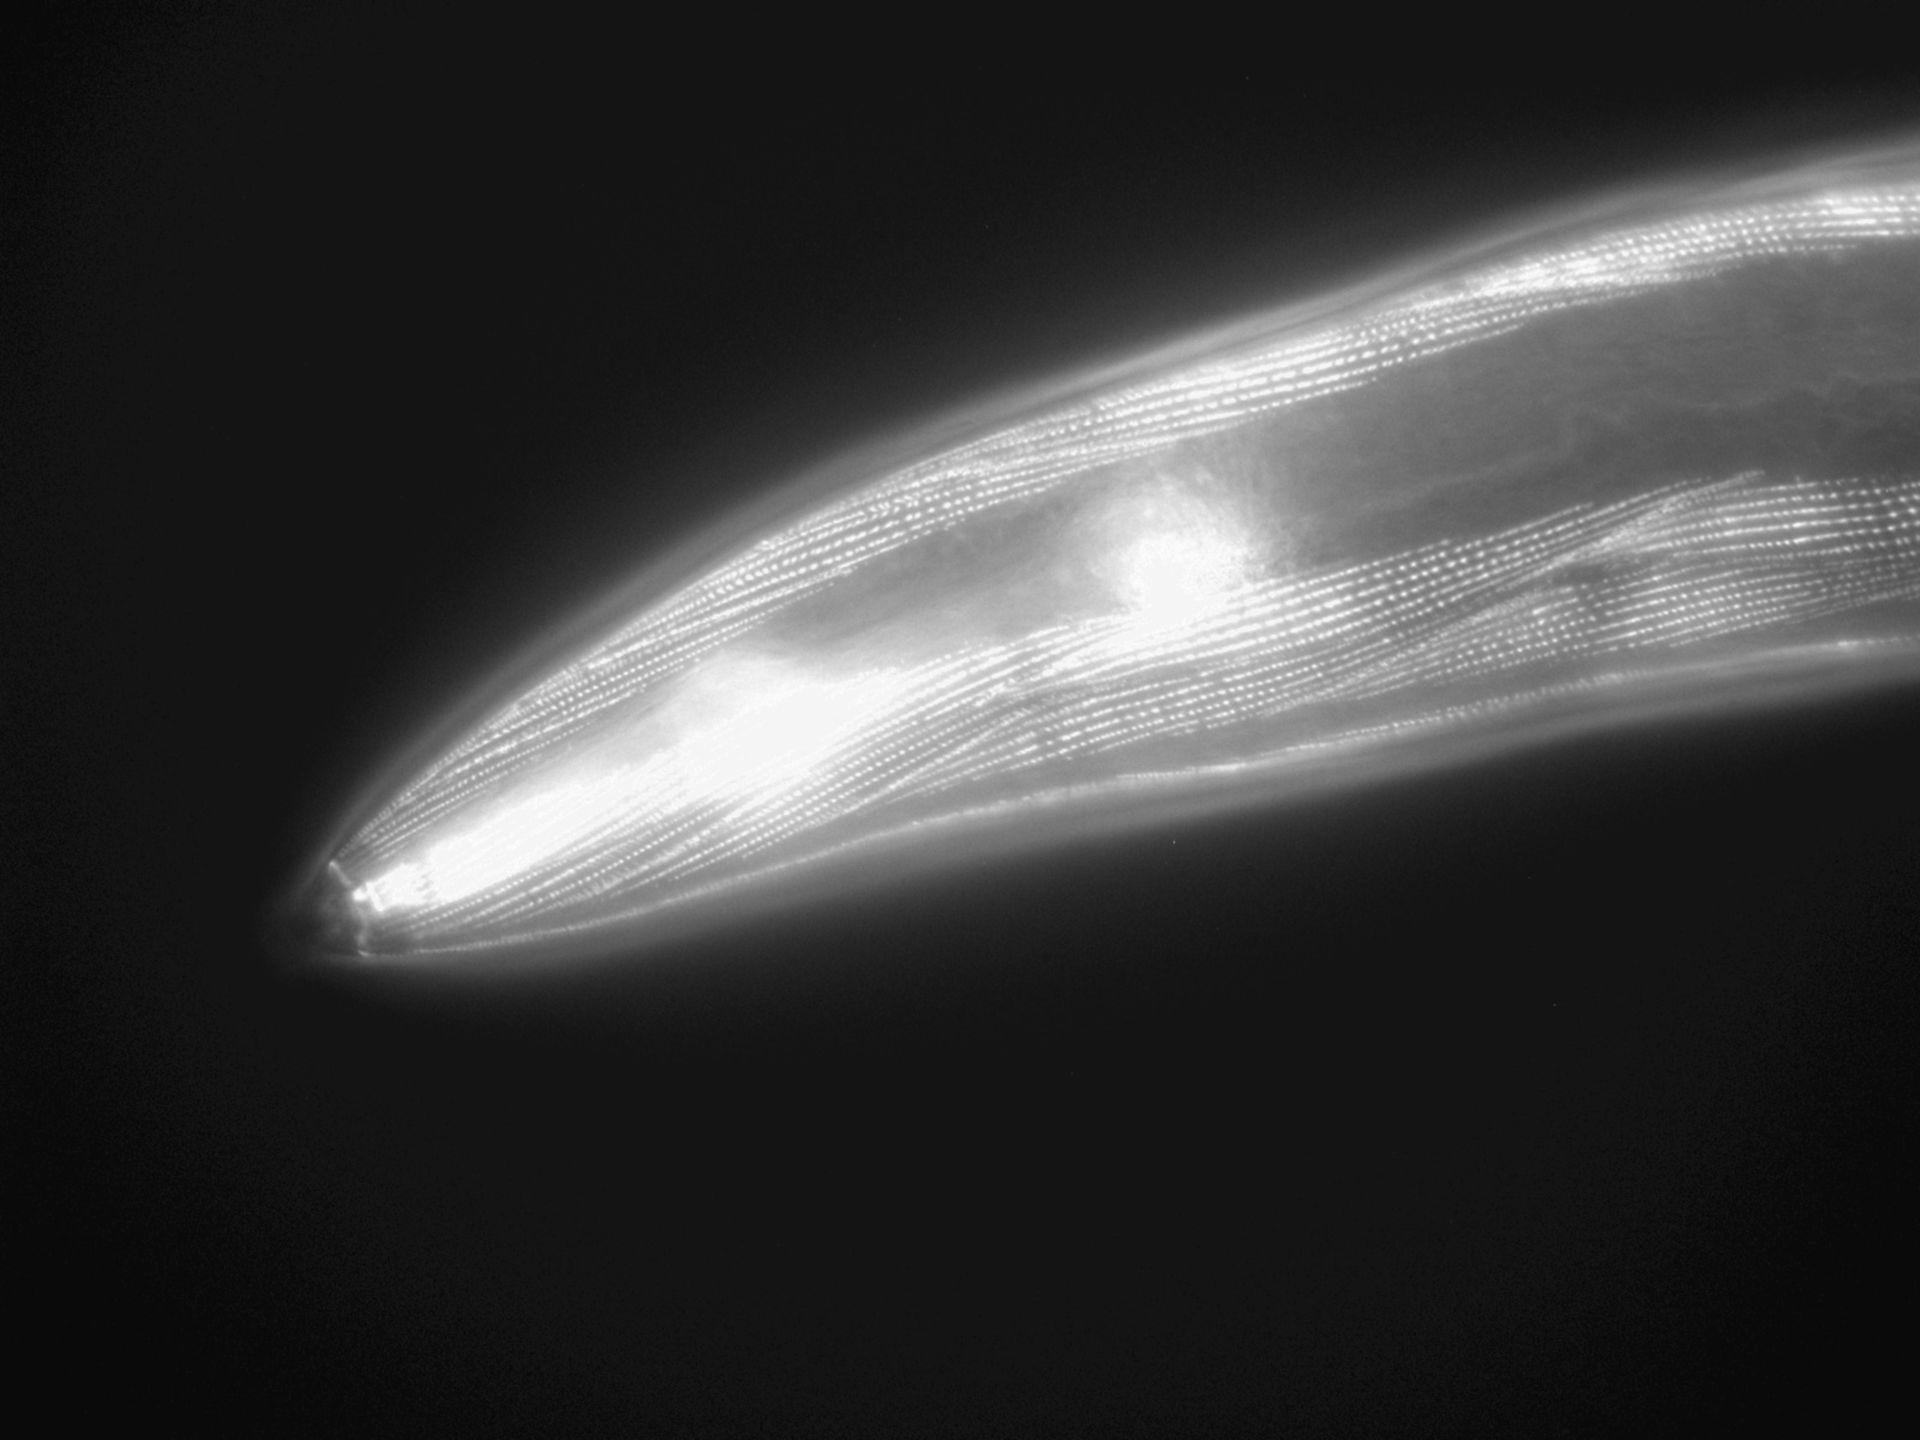 Caenorhabditis elegans (Actin filament) - CIL:1055